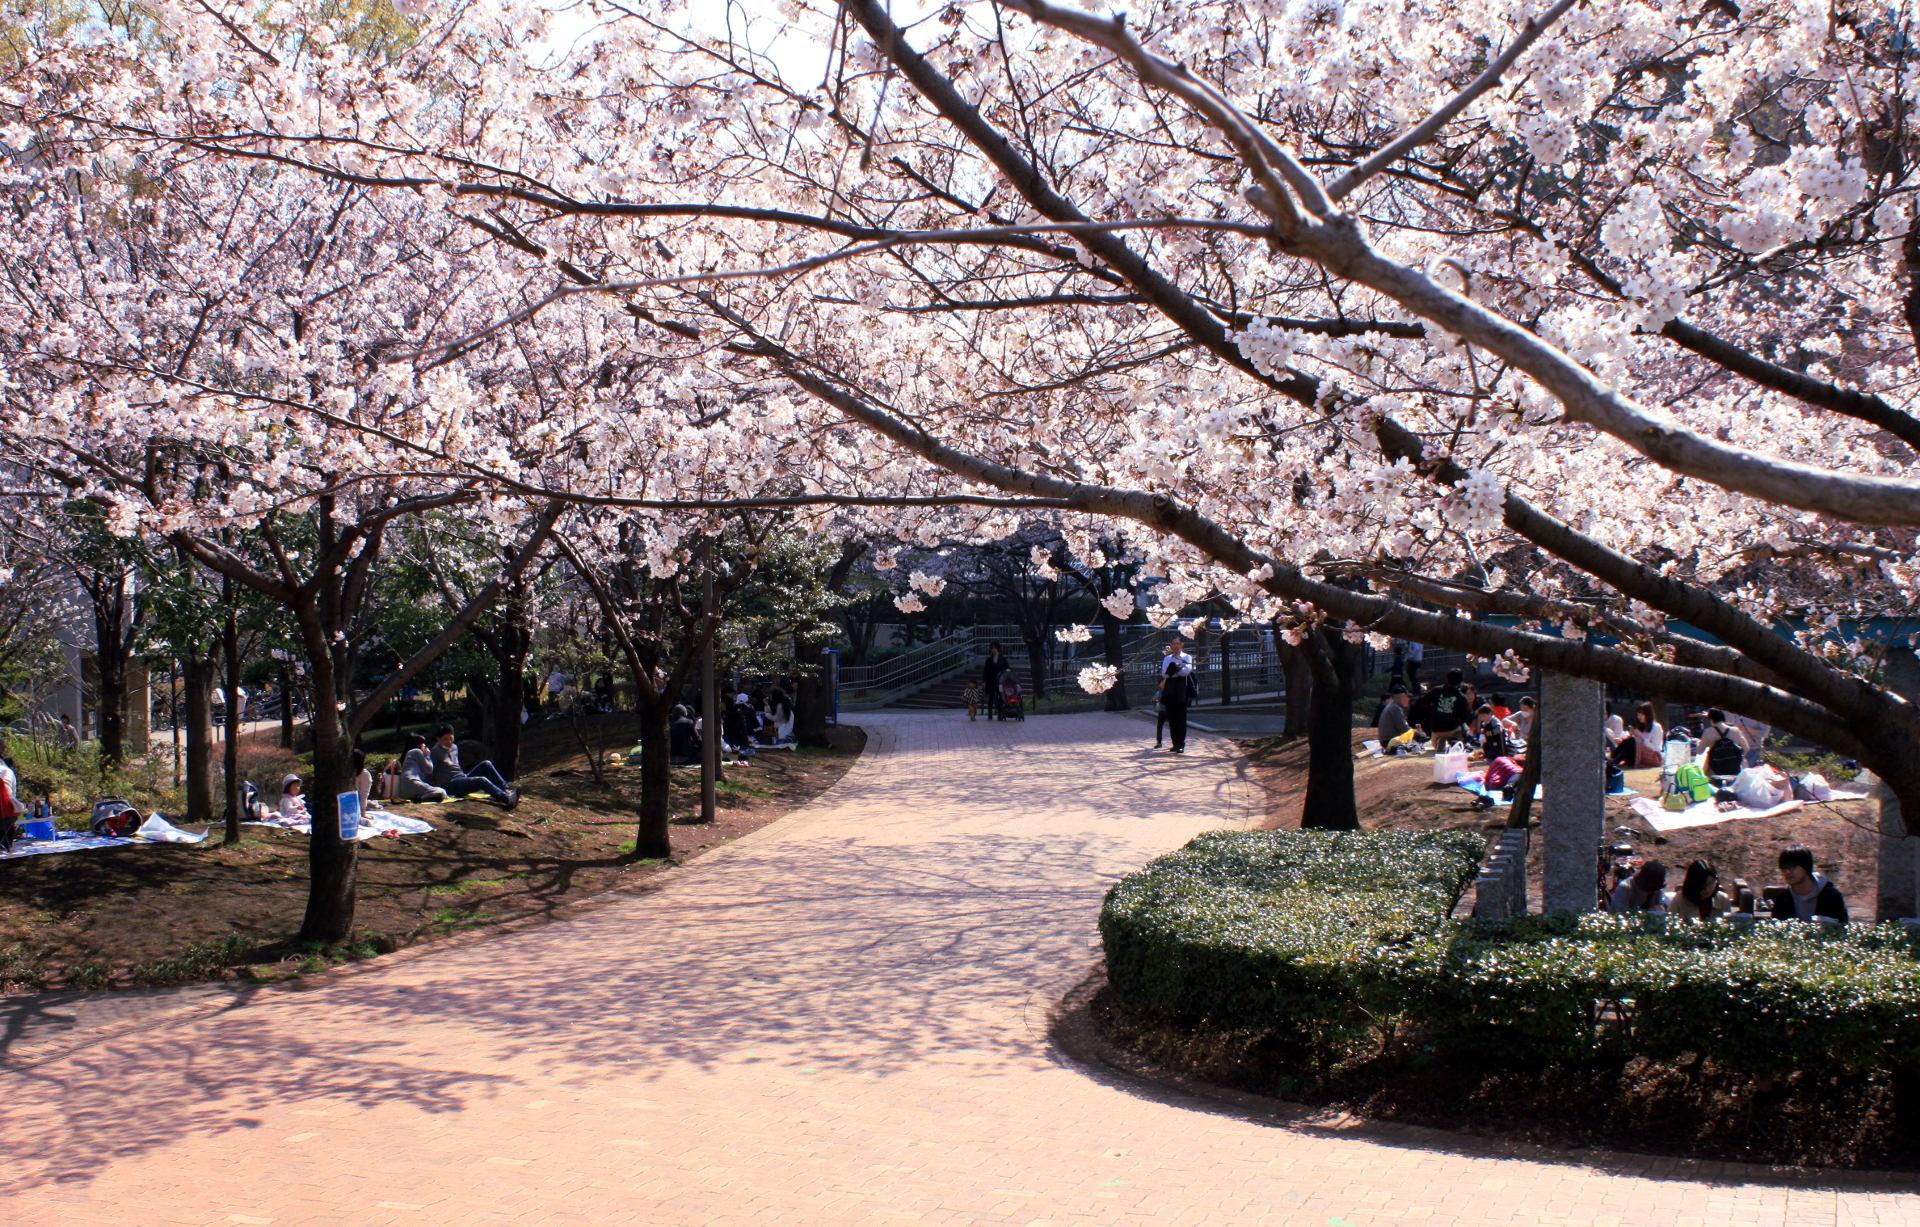 tokio japonia tokyo japan park kwitnacawisnia kwiaty cherryblossom hanami sakura iglawpodrozy